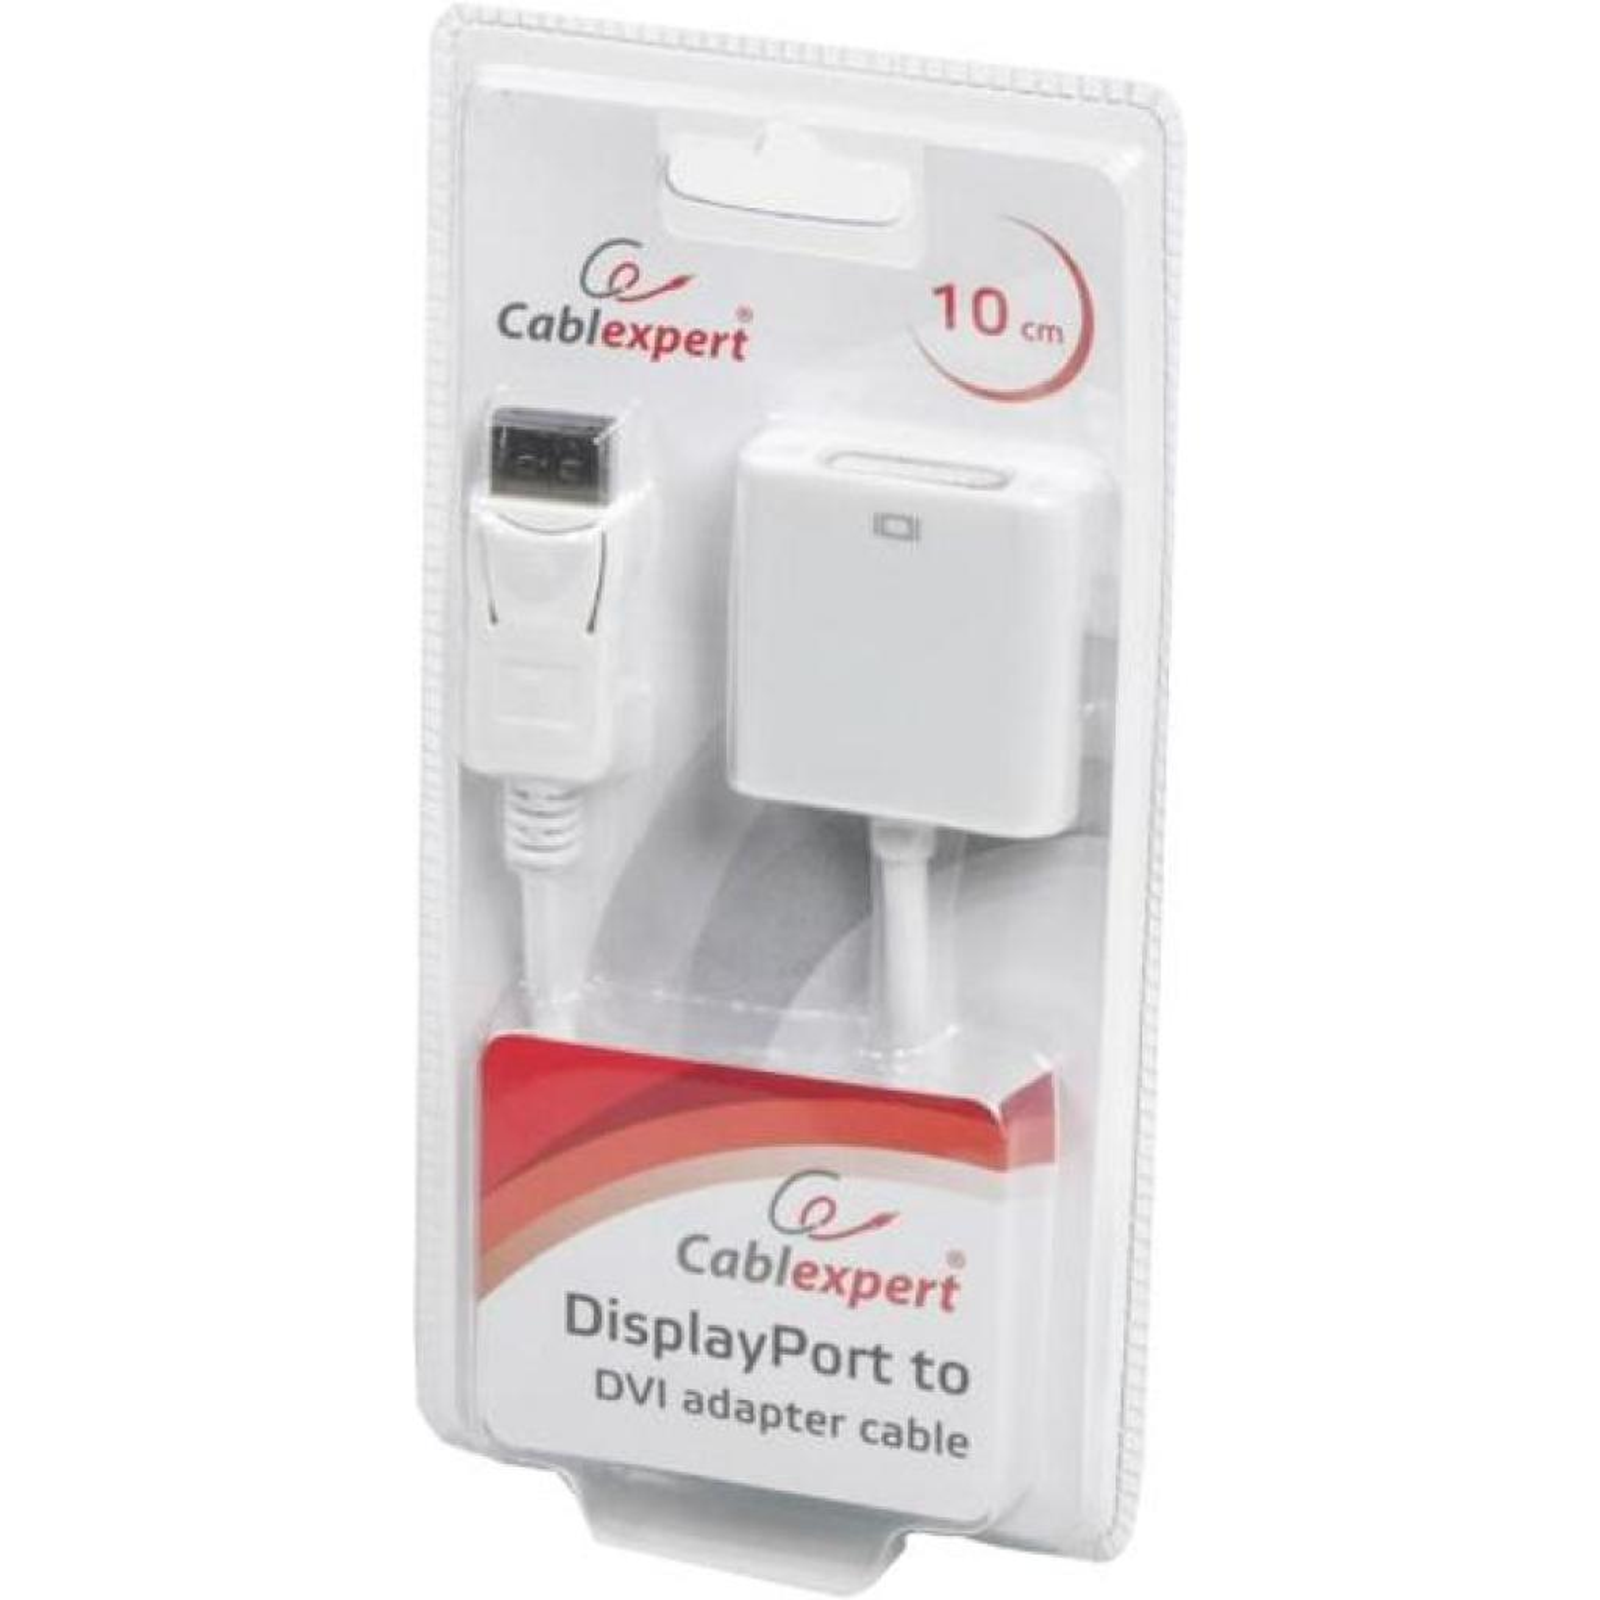 Переходник DisplayPort на DVI Cablexpert (AB-DPM-DVIF-002-W) изображение 2